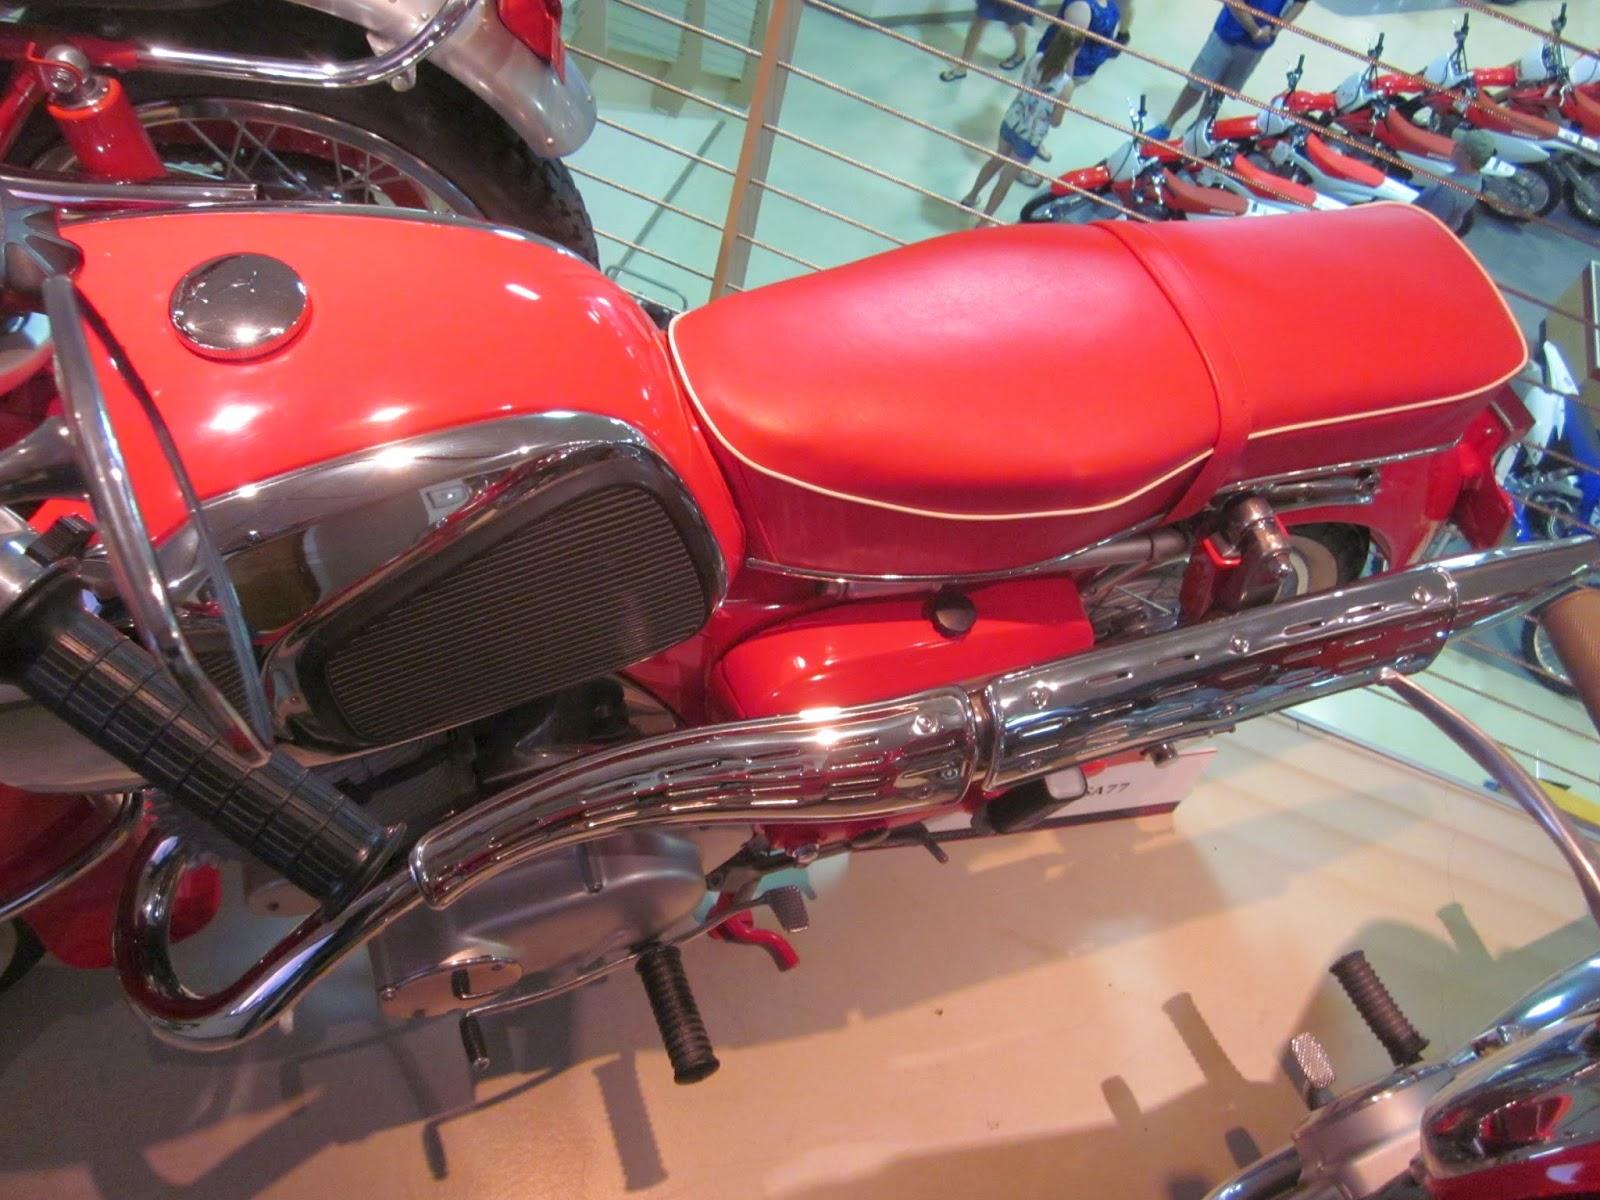 Oldmotodude 1962 honda csa77 250 on display at hinshaw 39 s for Hinshaw honda auburn wa